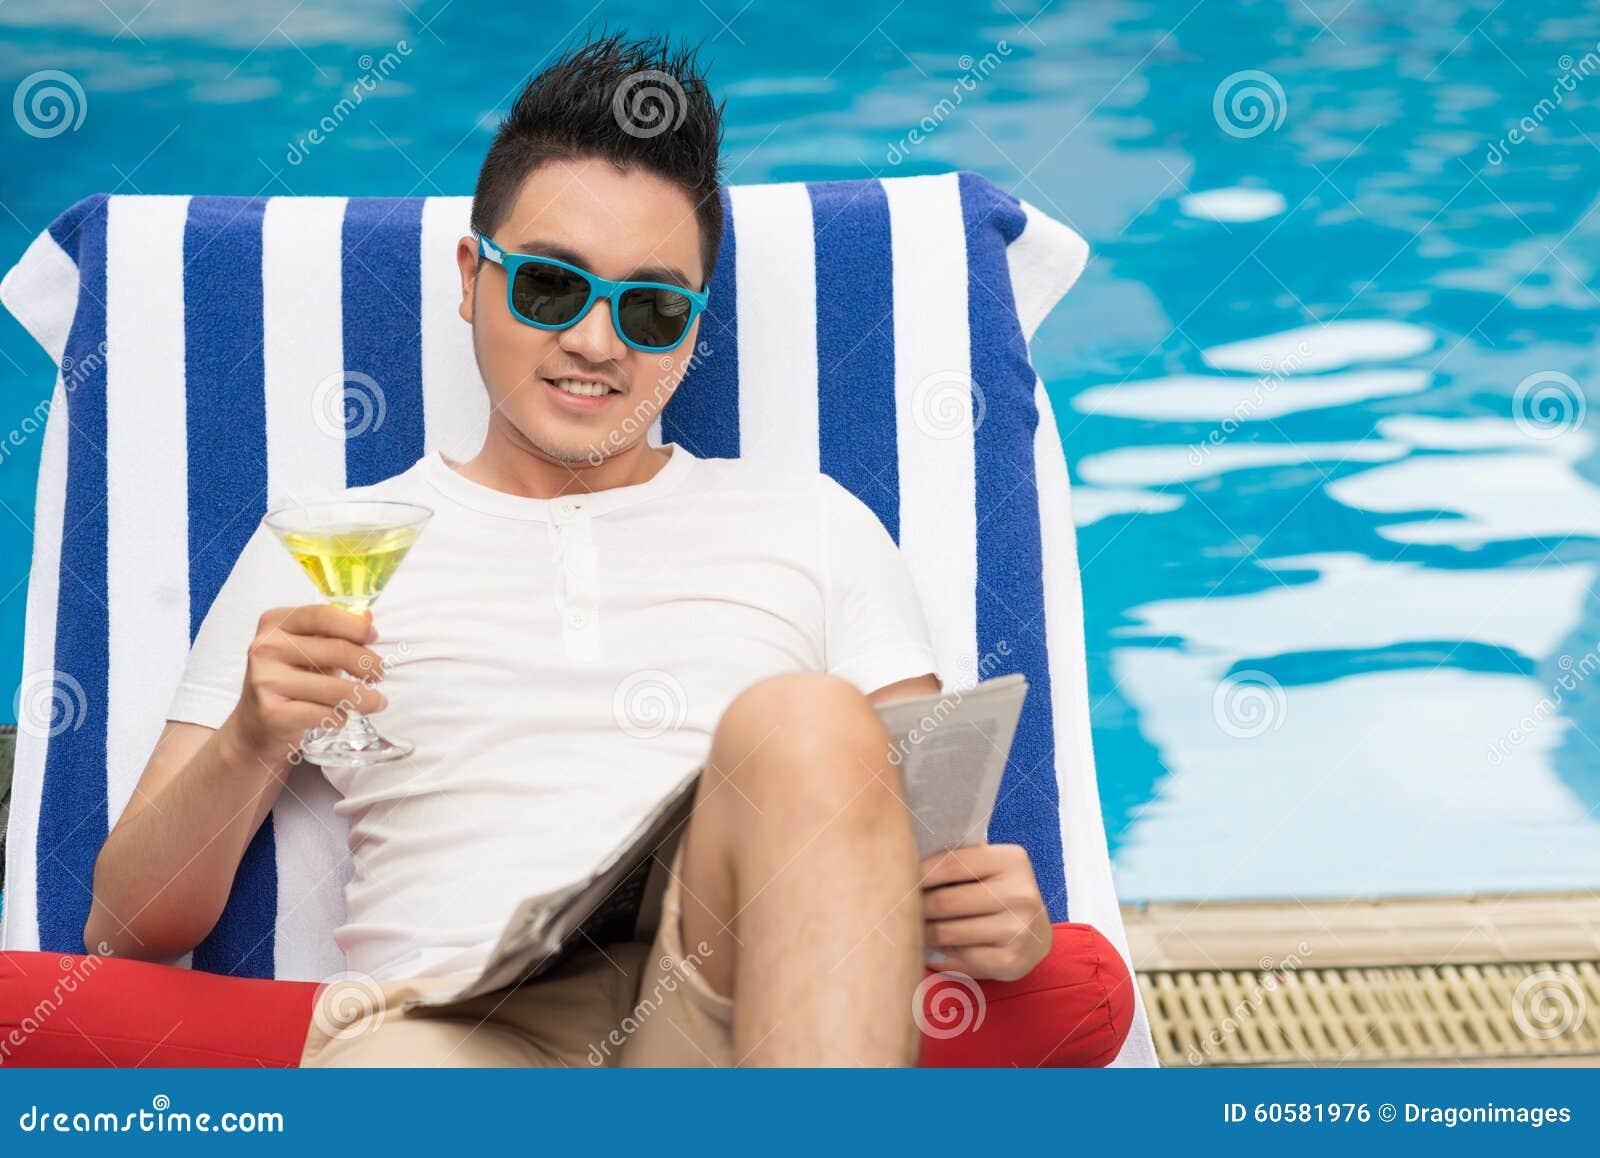 Het ontspannen bij pool